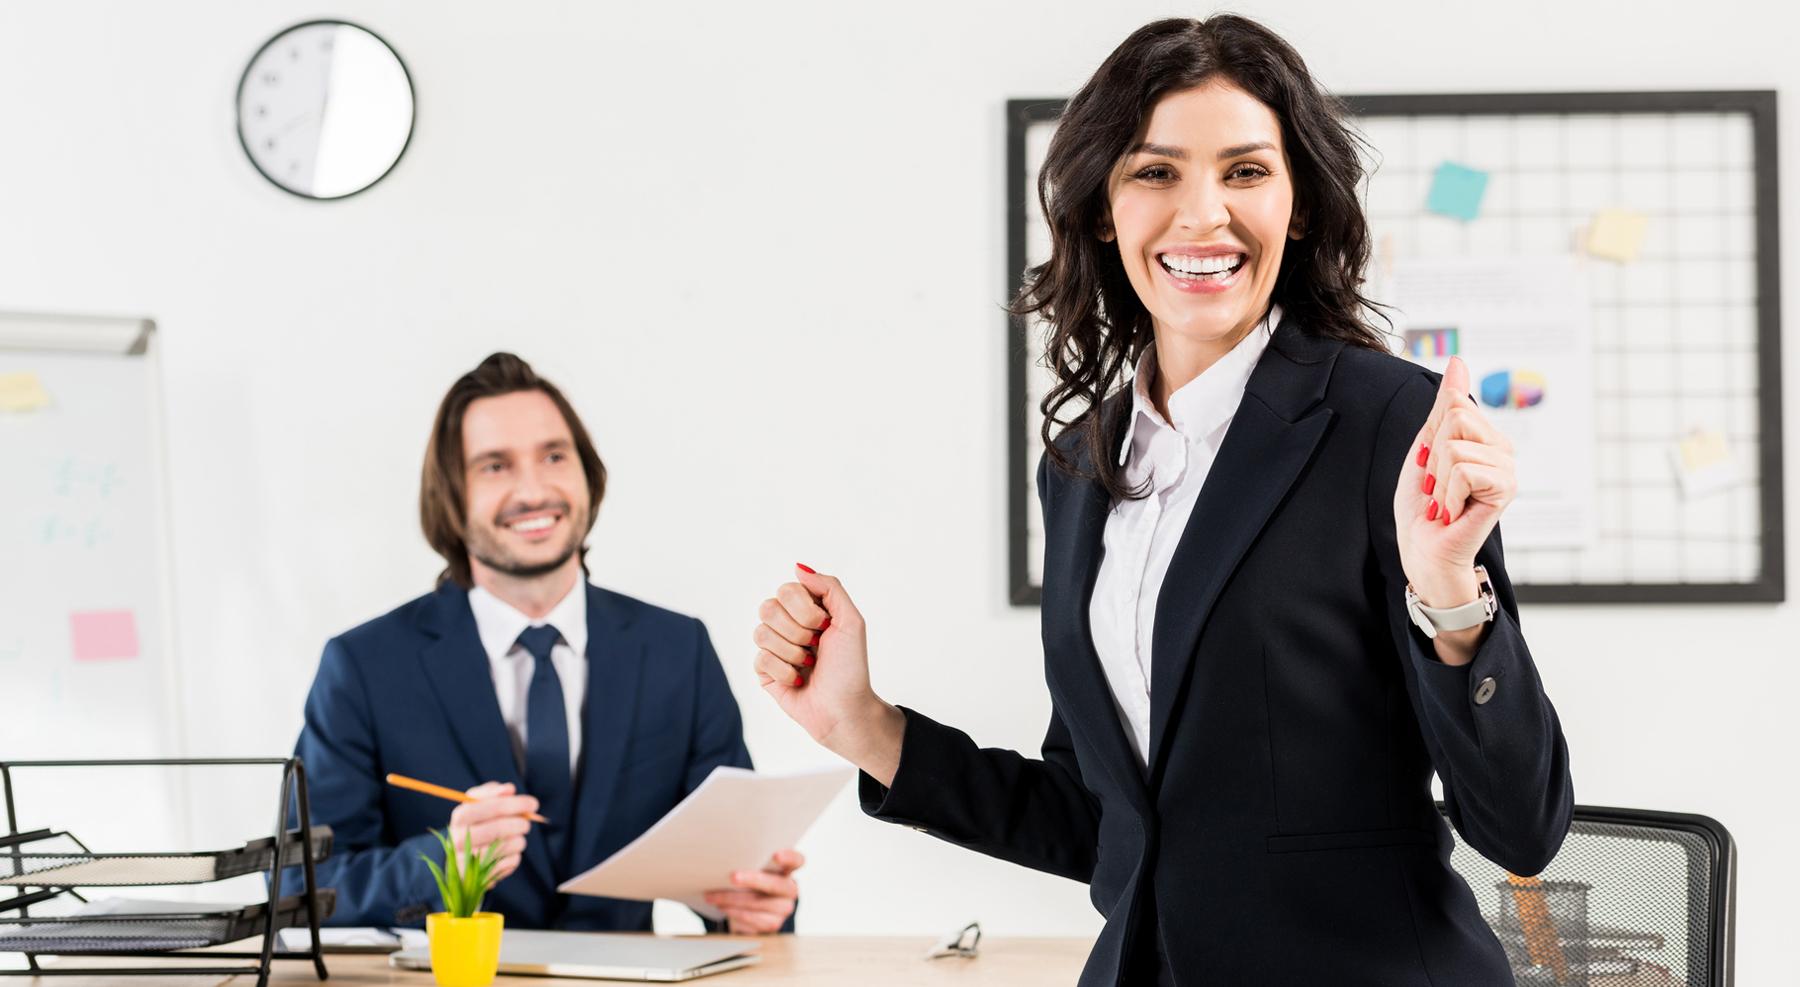 Bonheur des employés